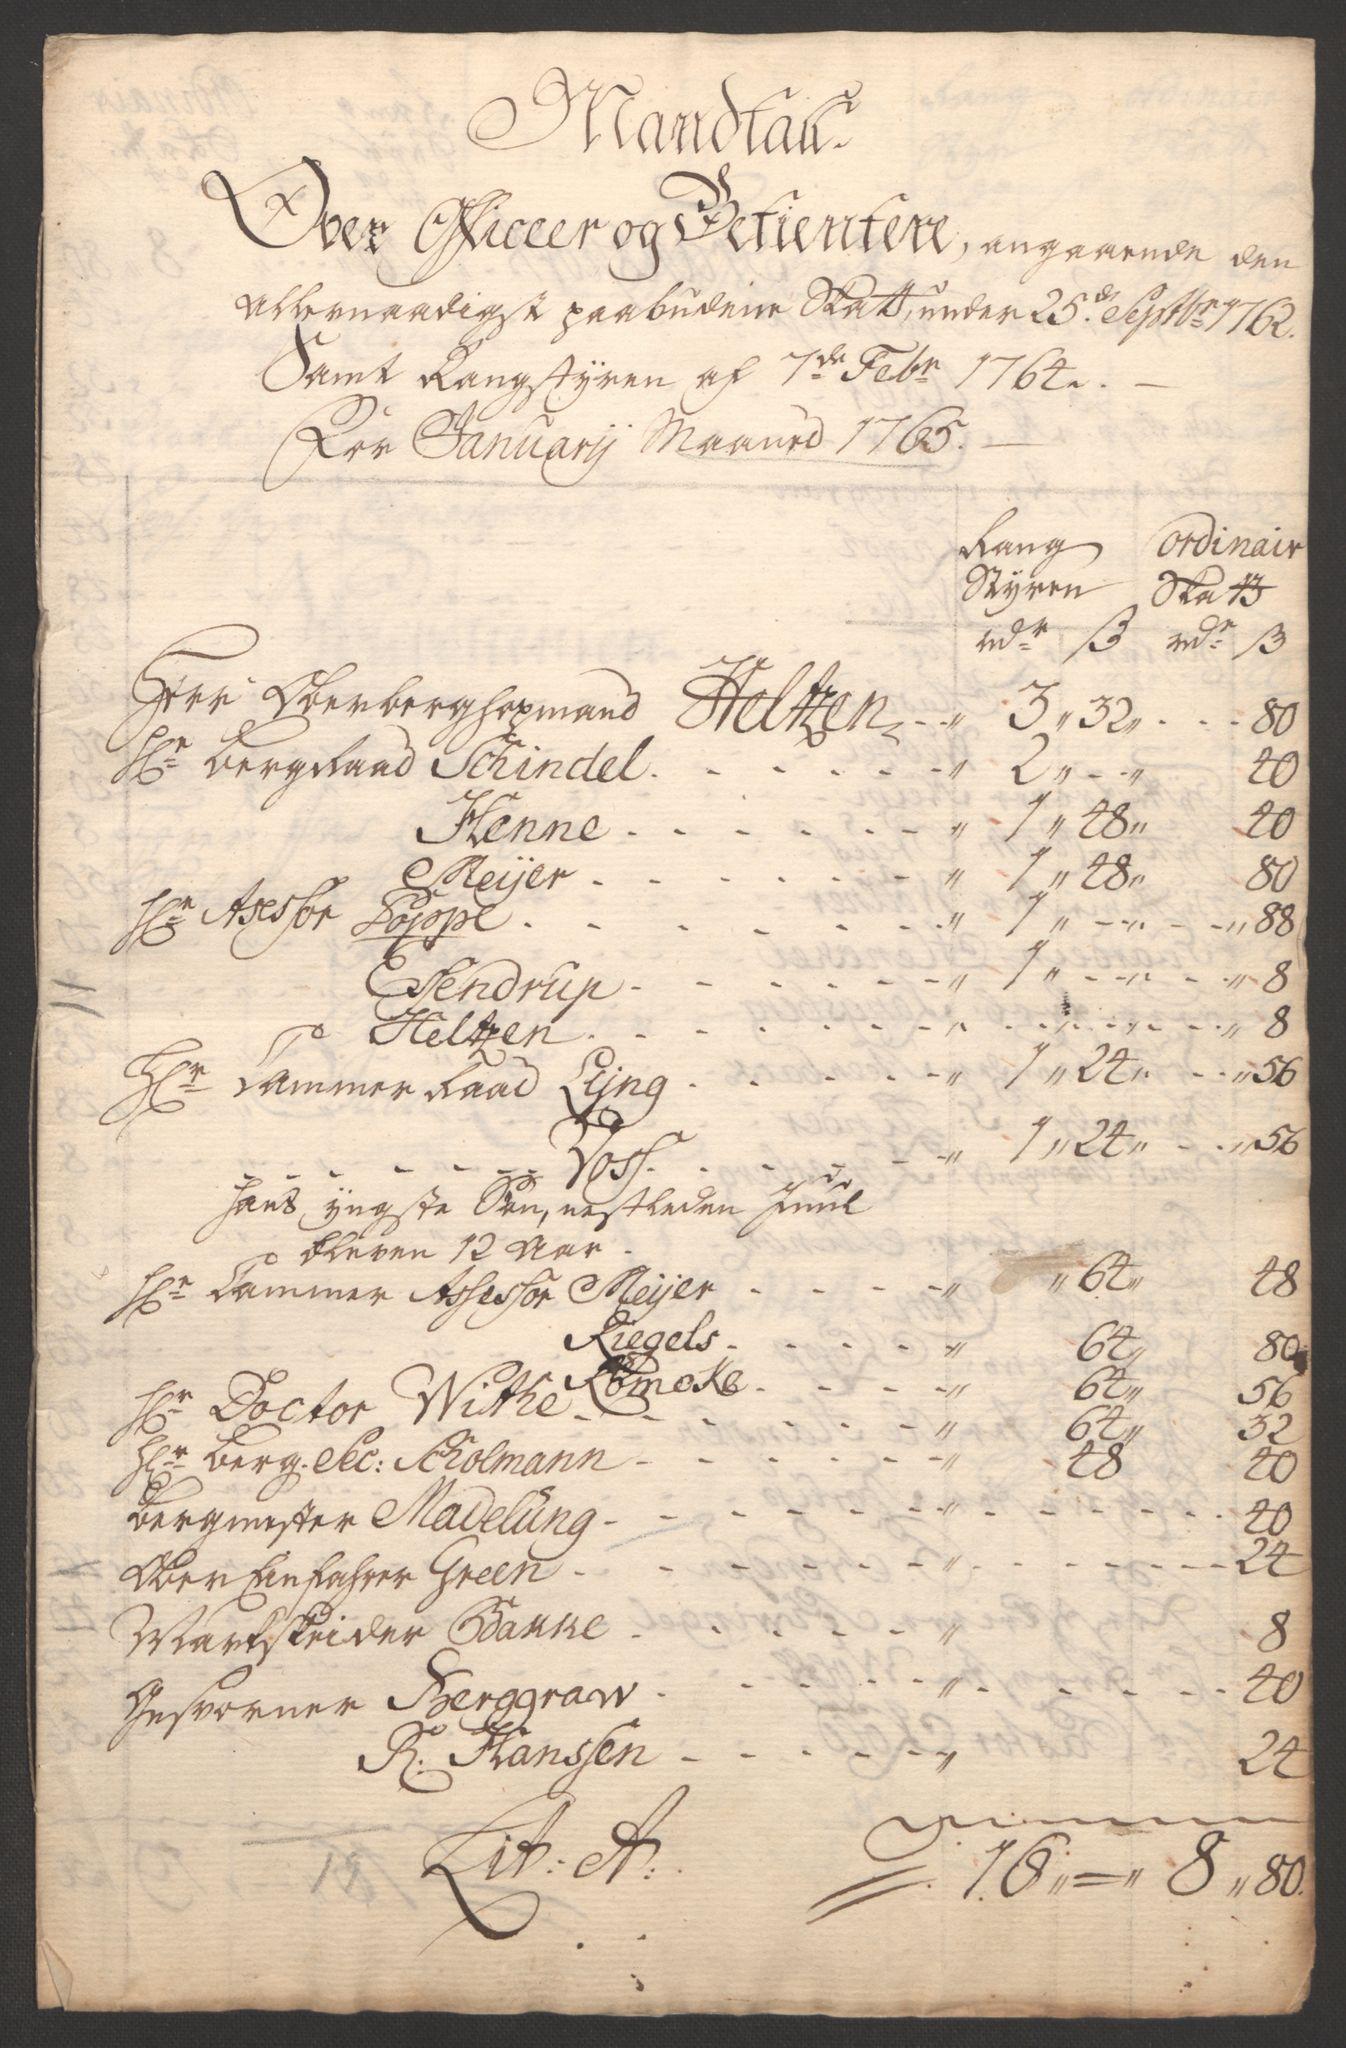 RA, Rentekammeret inntil 1814, Reviderte regnskaper, Bergverksregnskaper, R/Rc/Rca/L0843: Ekstraskatt, 1762-1765, s. 860